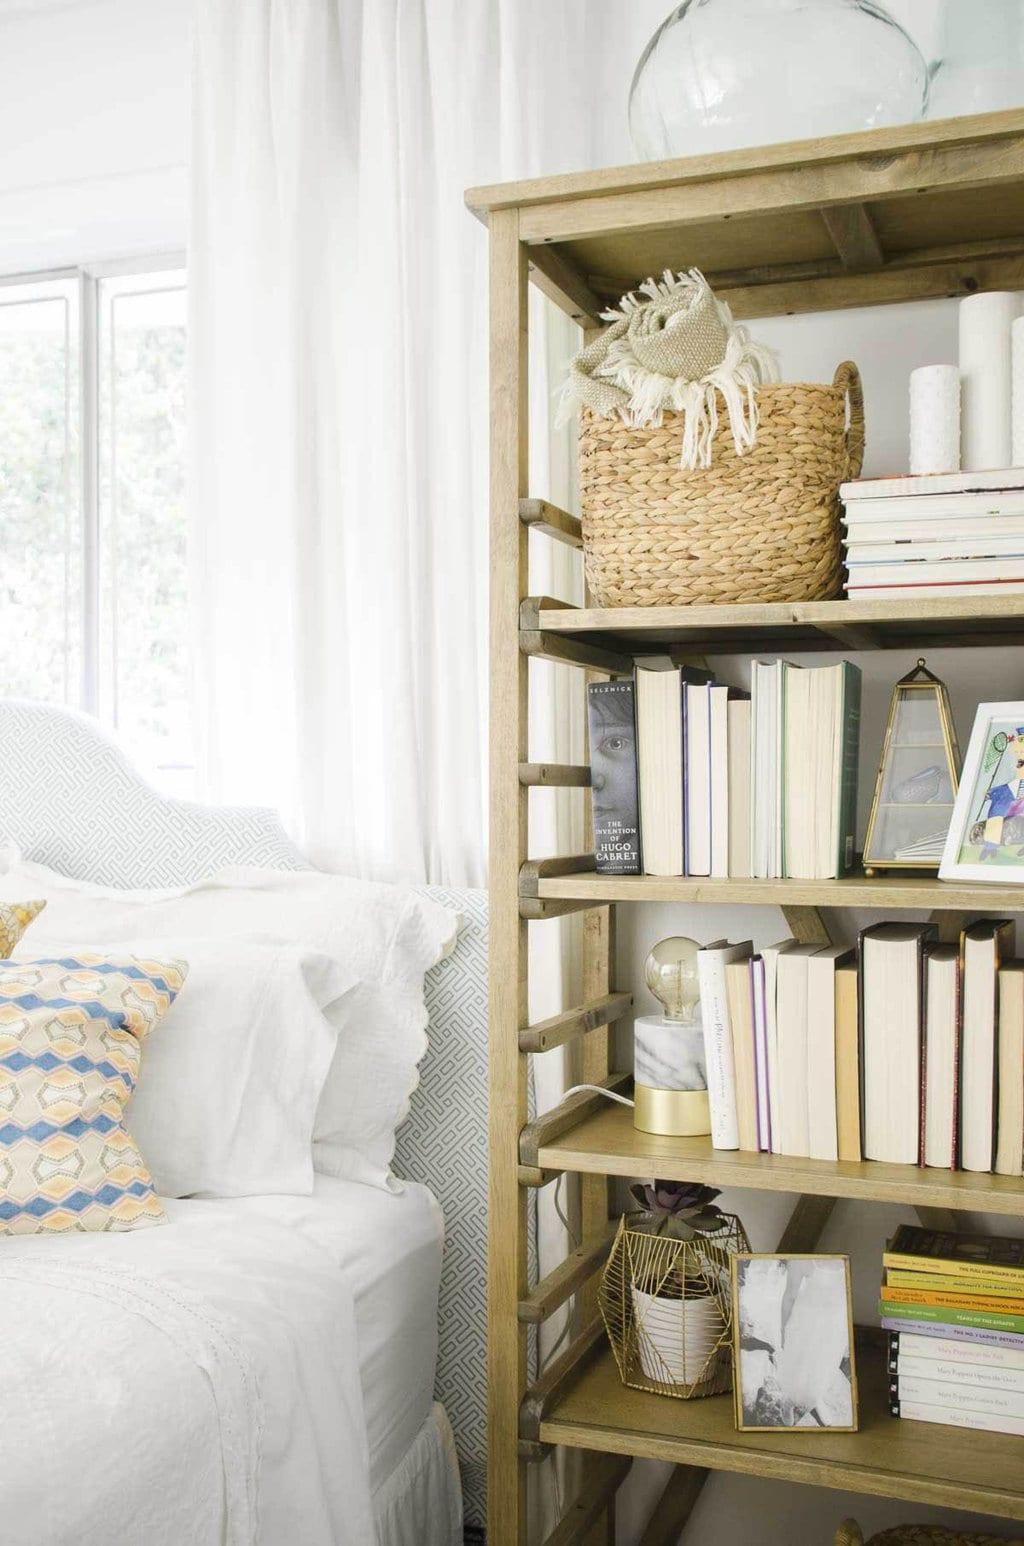 Bookshelf styling beside the bed via @thouswellblog